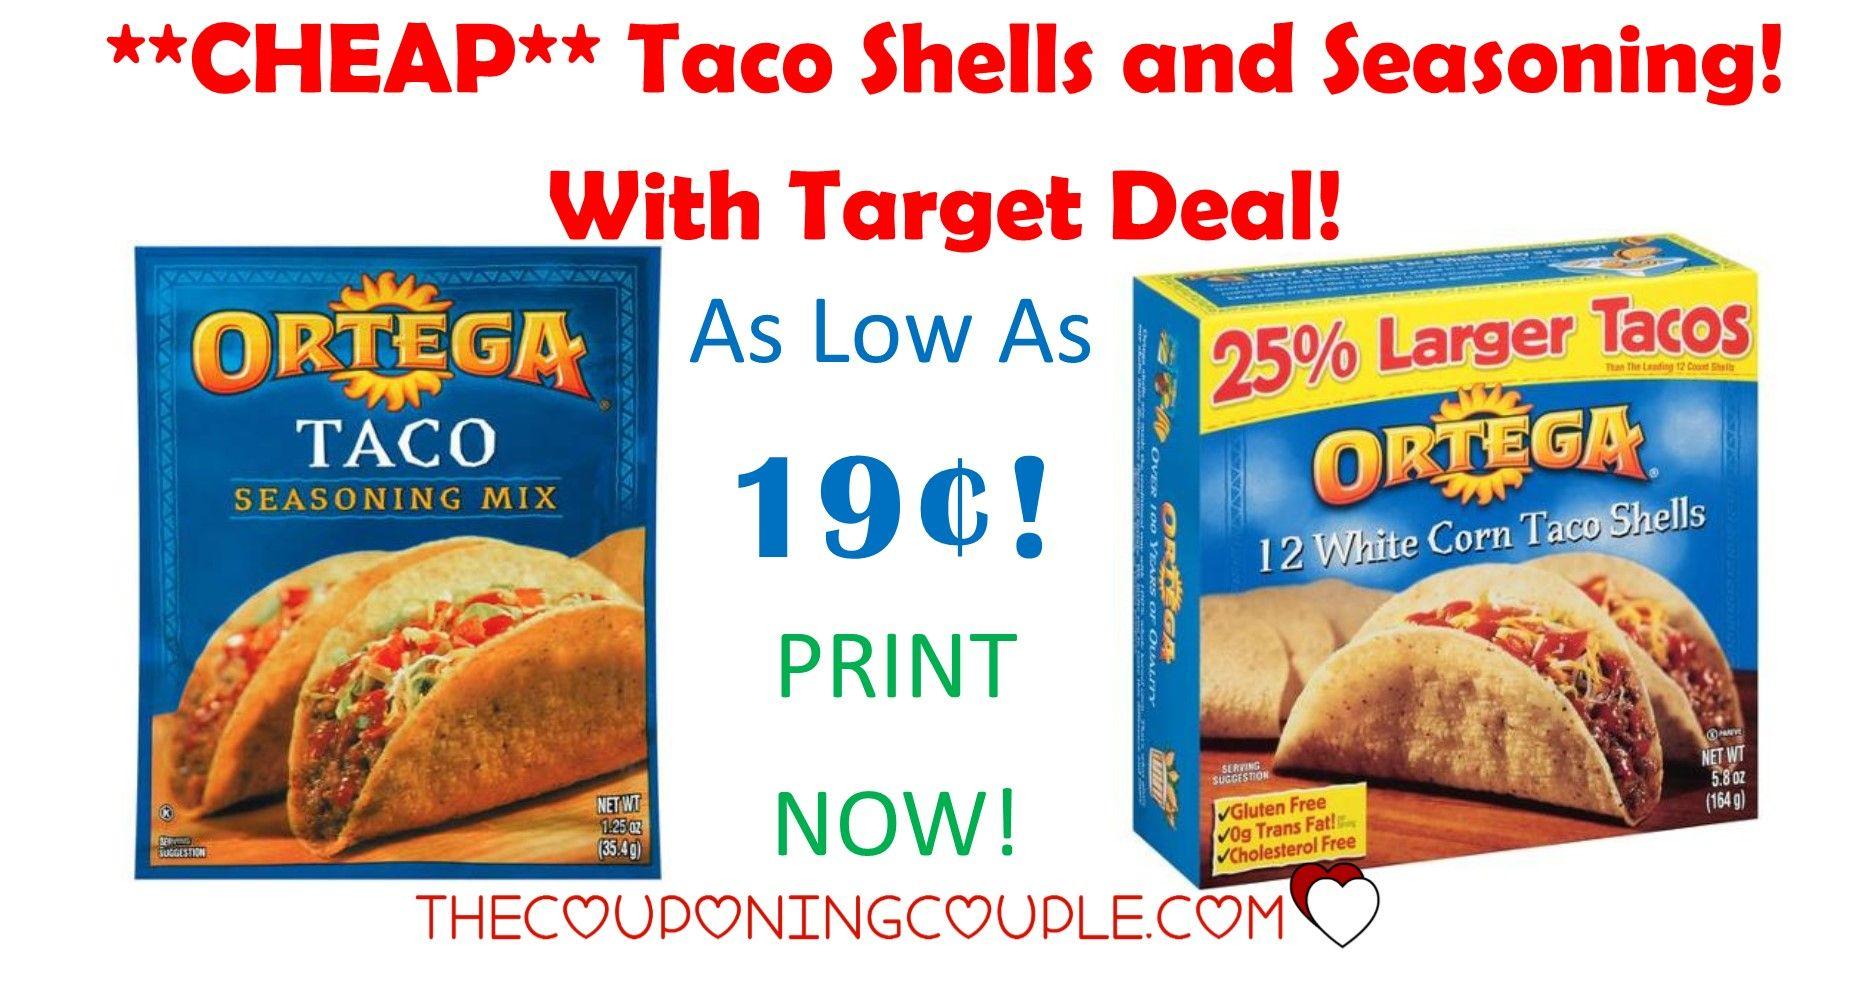 Target Deals Ortega Taco Seasoning 0 21 Taco Shells 0 75 Ortega Taco Seasoning Taco Seasoning Taco Stuffed Shells